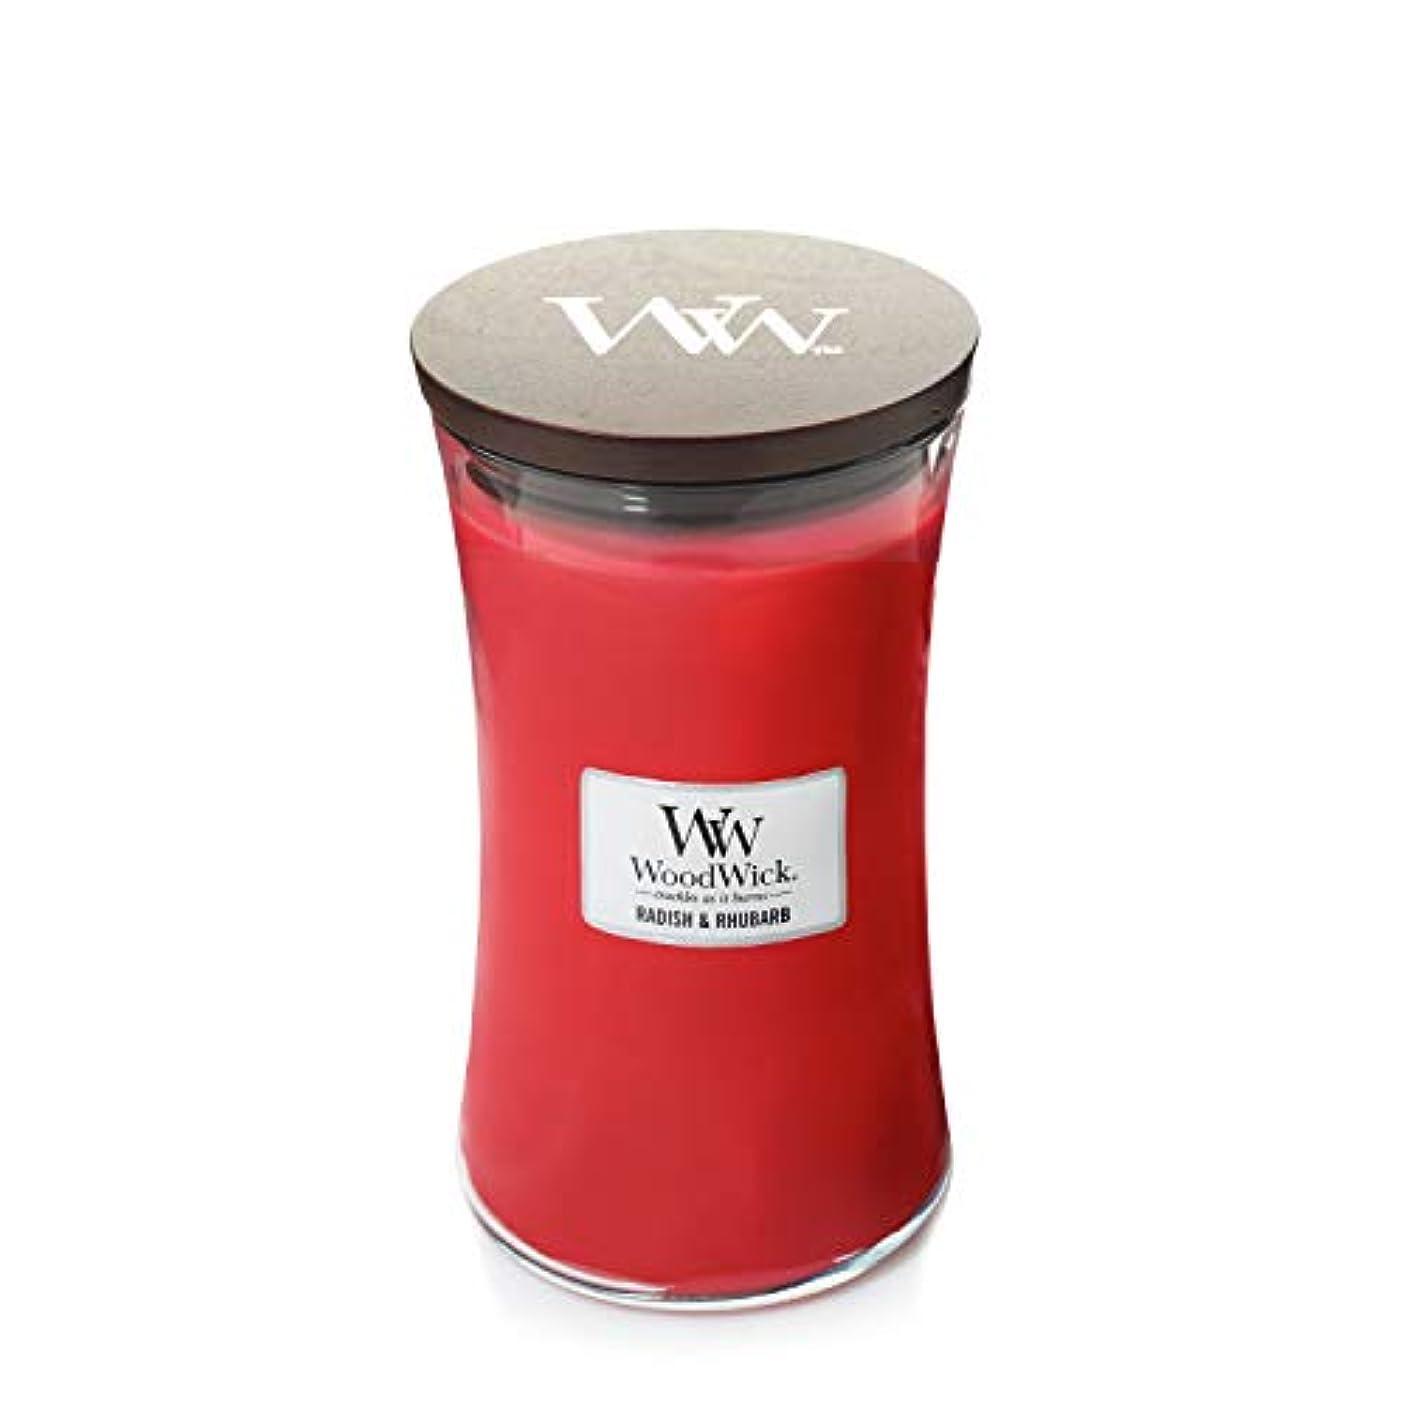 有限軽減ロッジWoodWick Radish and Rhubarb Large Jar Scented Candle